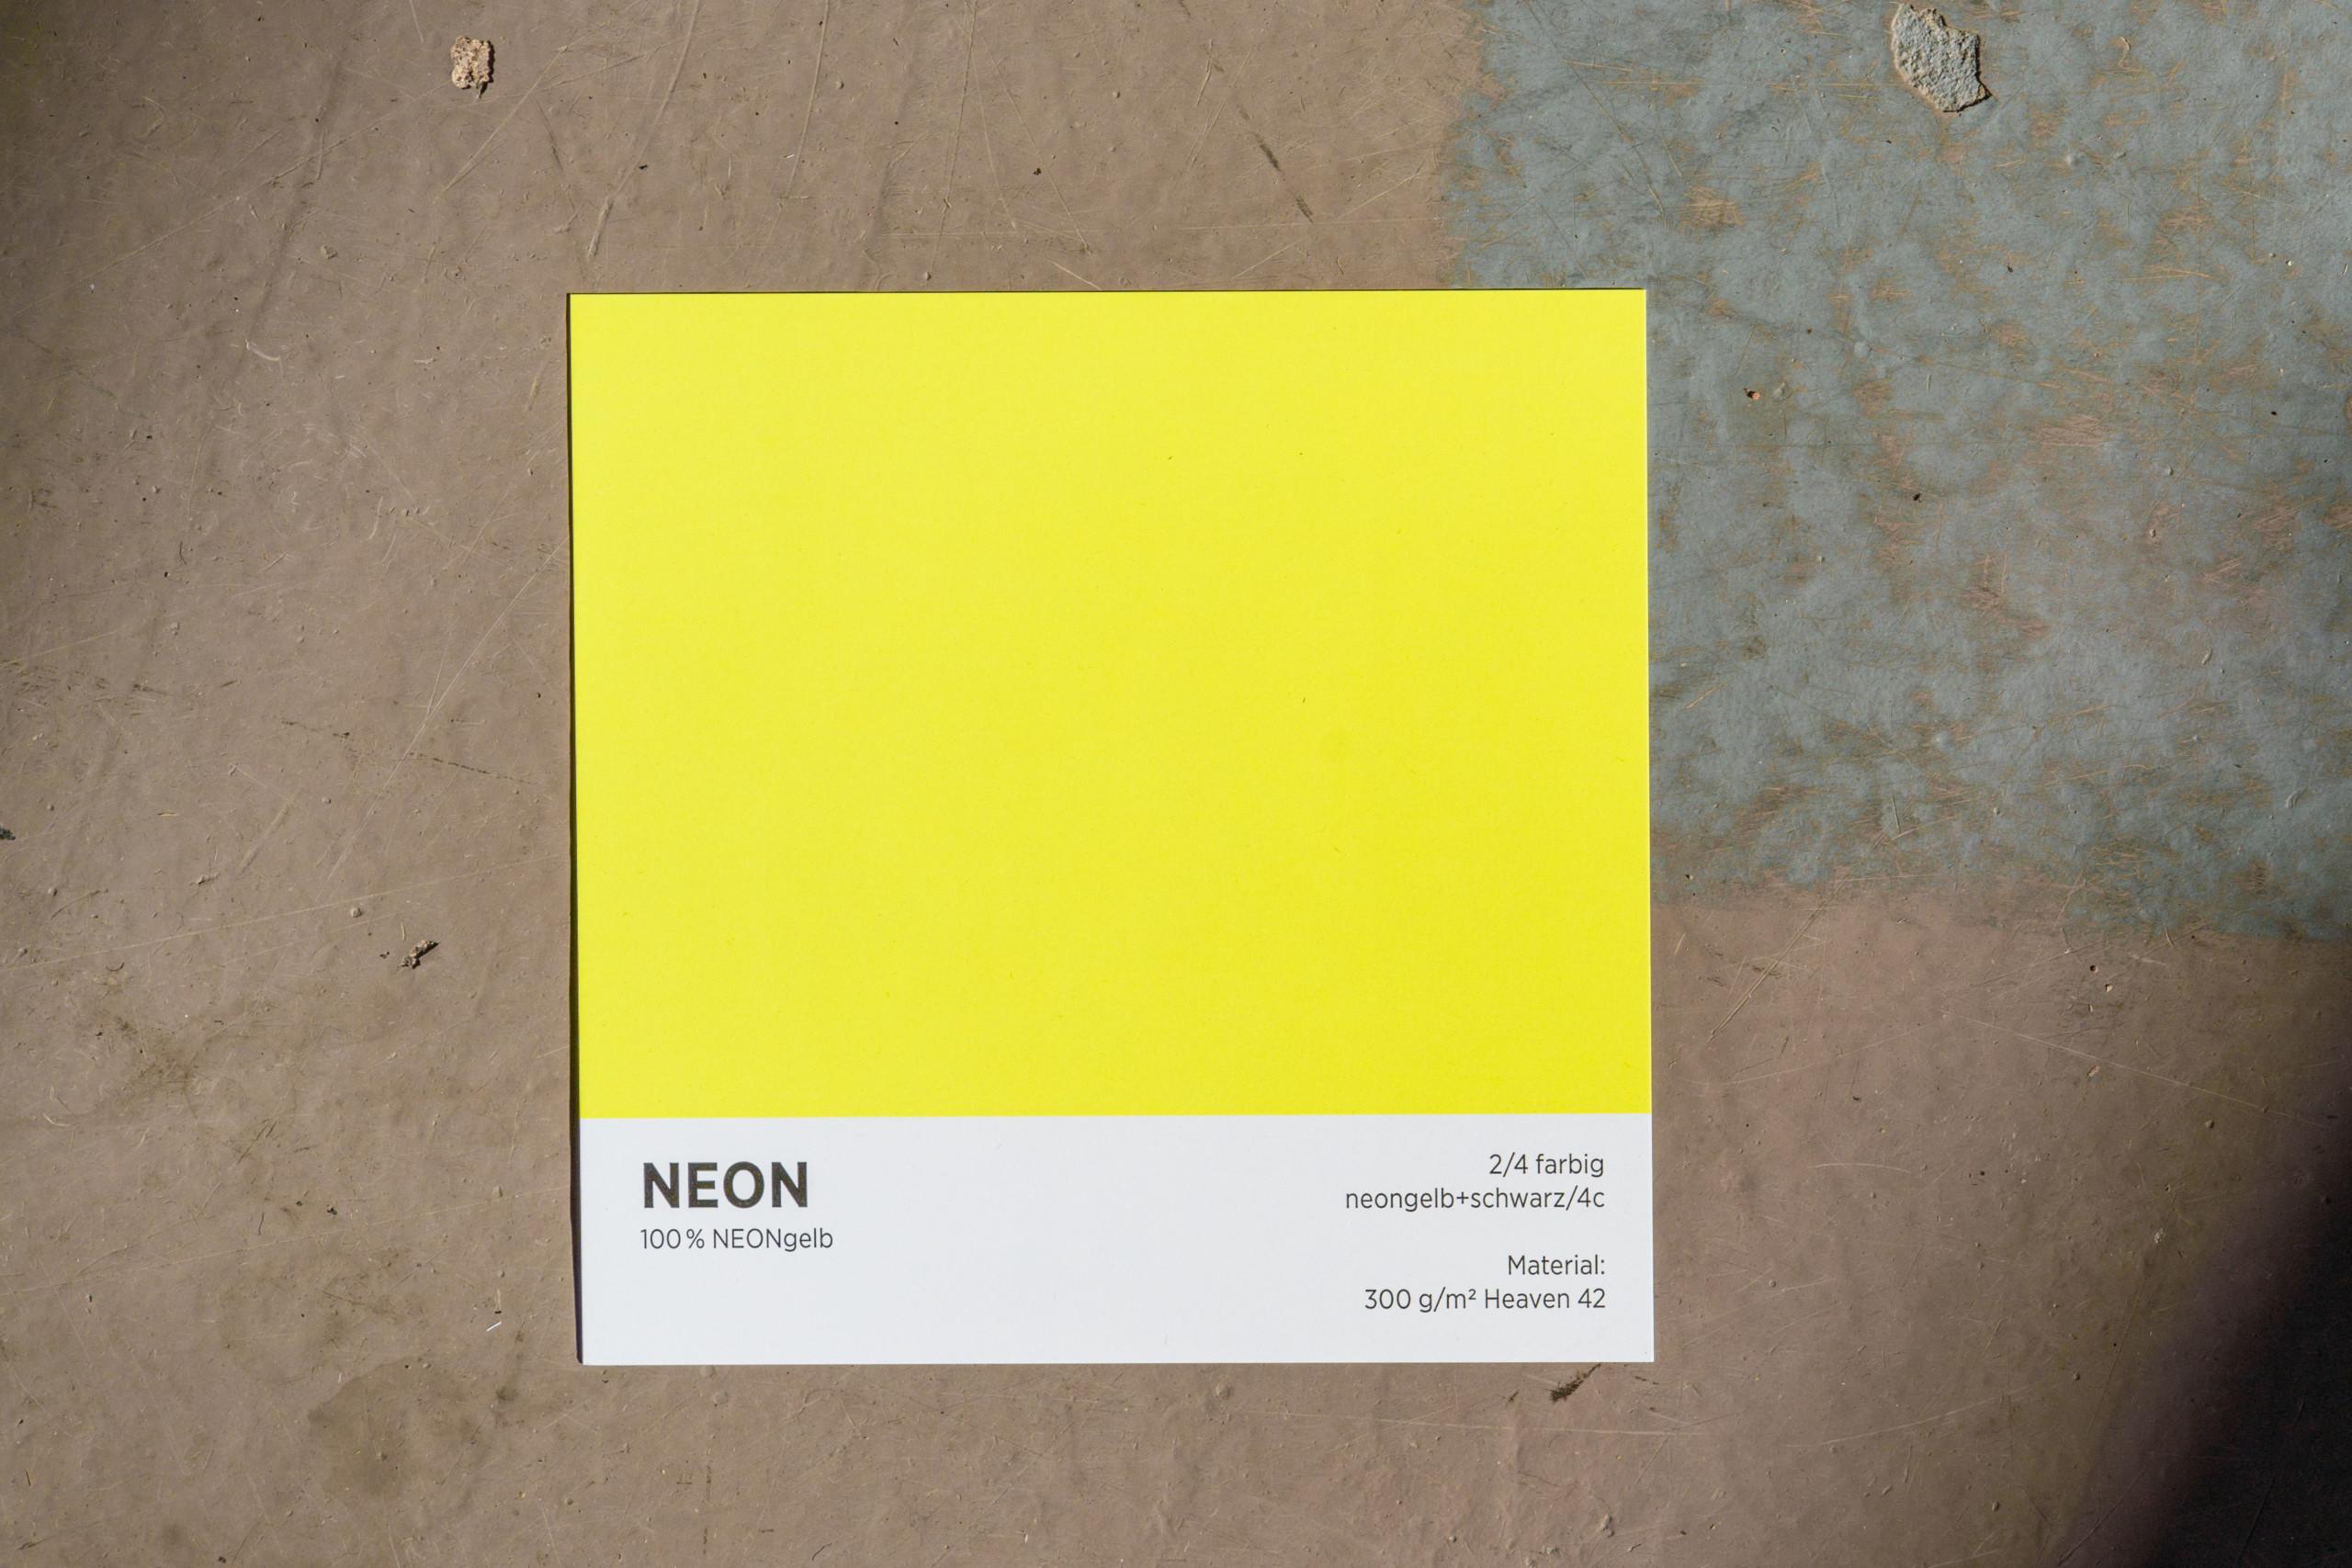 NEON Gelber Digitaldruck auf 300gr Heaven 42